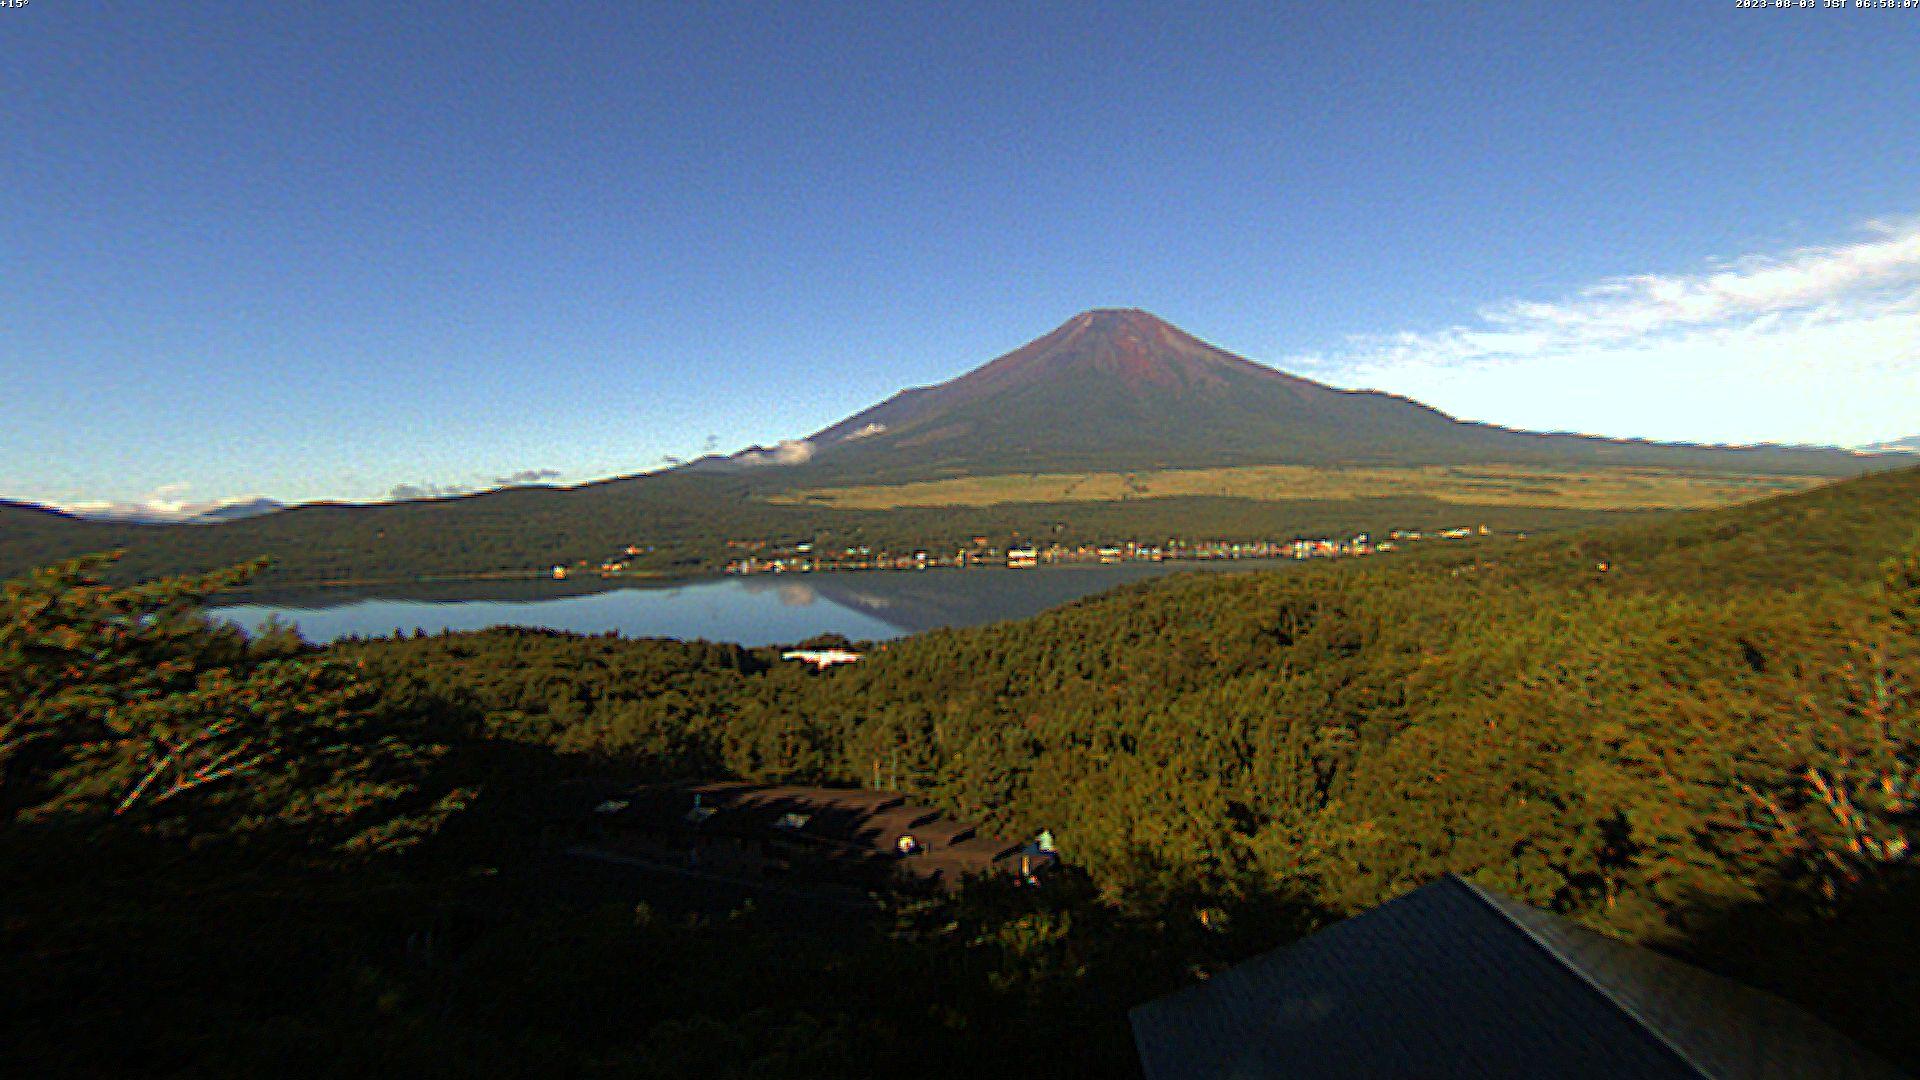 富士山ライブカメラ(山中湖高台パノラマ)